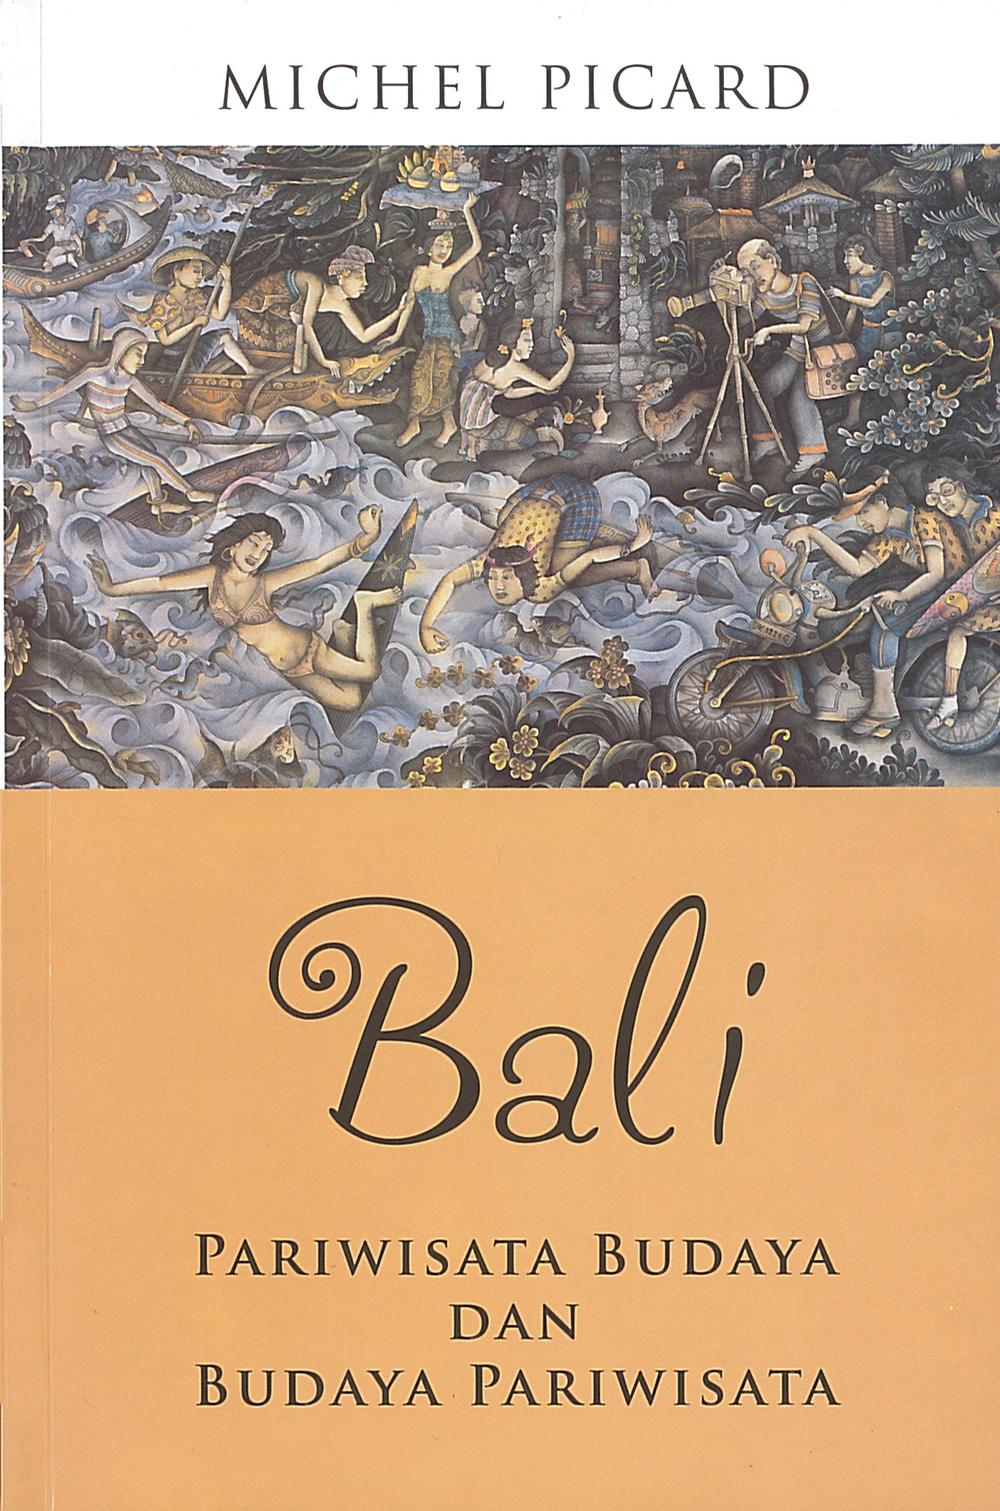 Bali : Pariwisata Budaya, Budaya Pariwisata